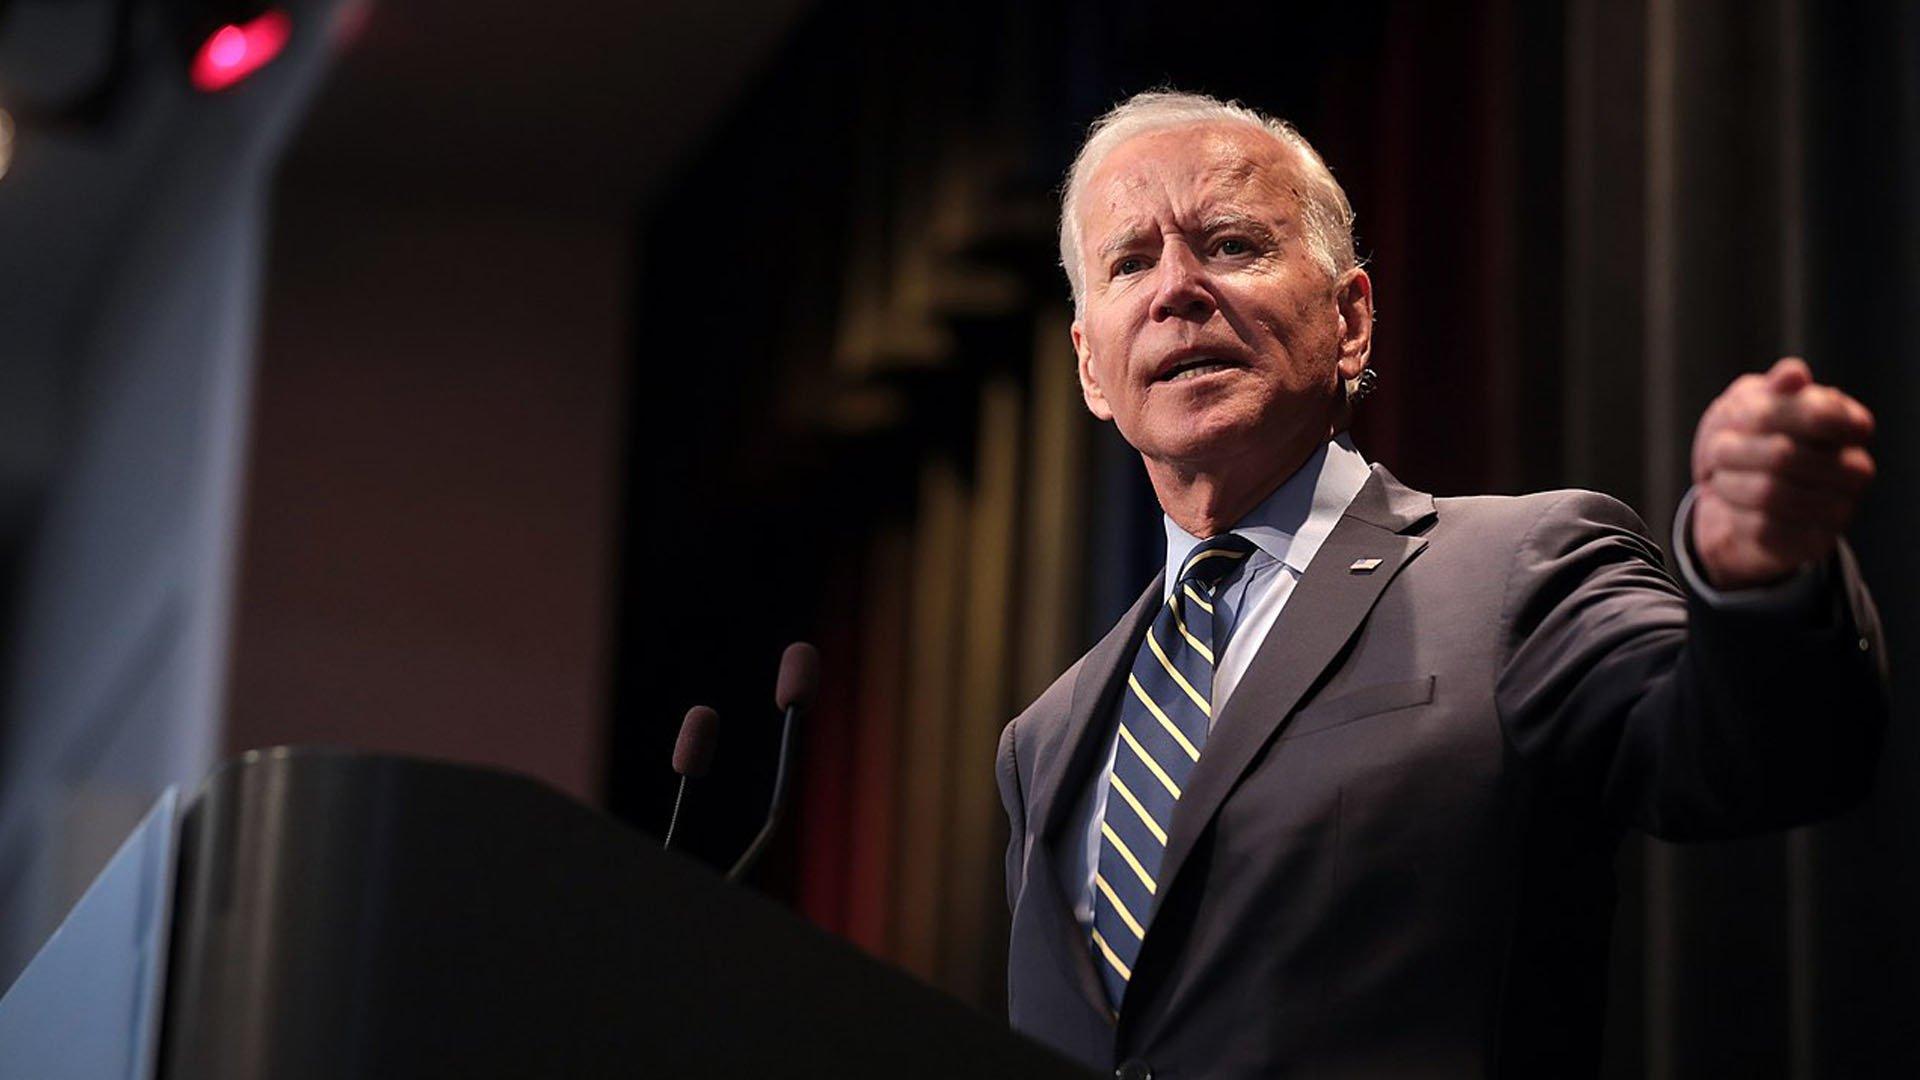 In meno di 24 ore Joe Biden ha già cancellato il peggio di Donald Trump